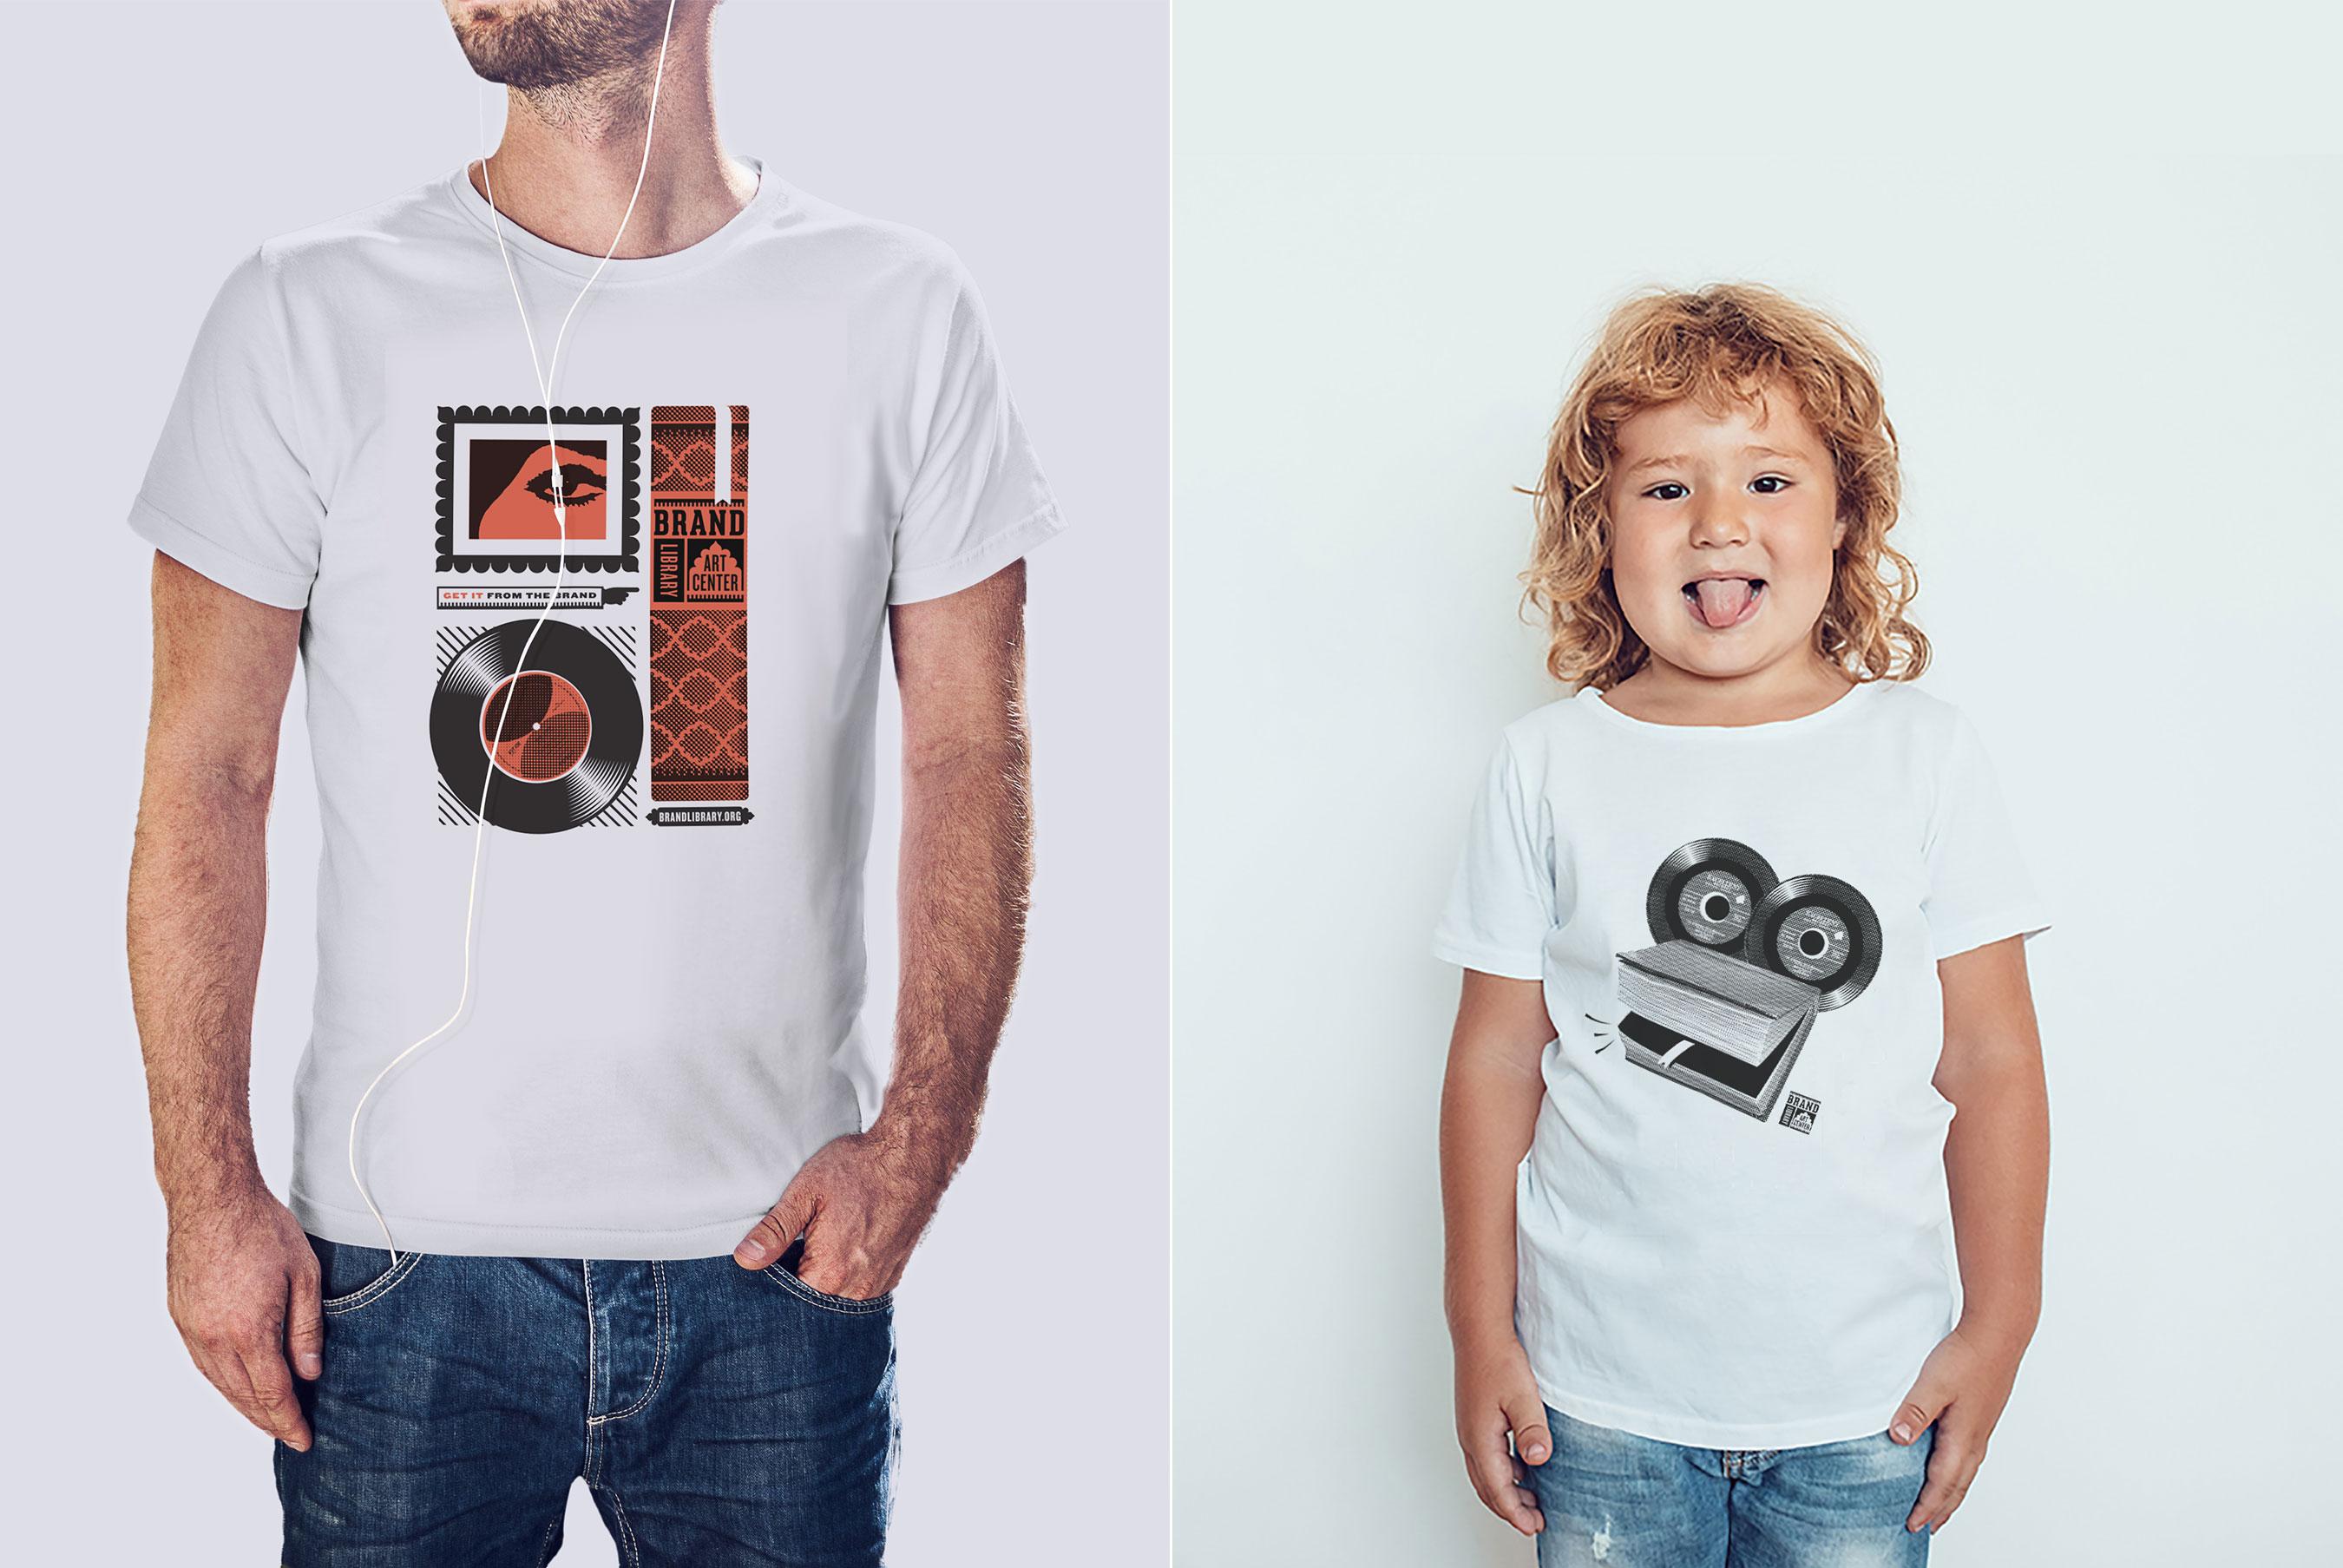 Brand Library tshirts